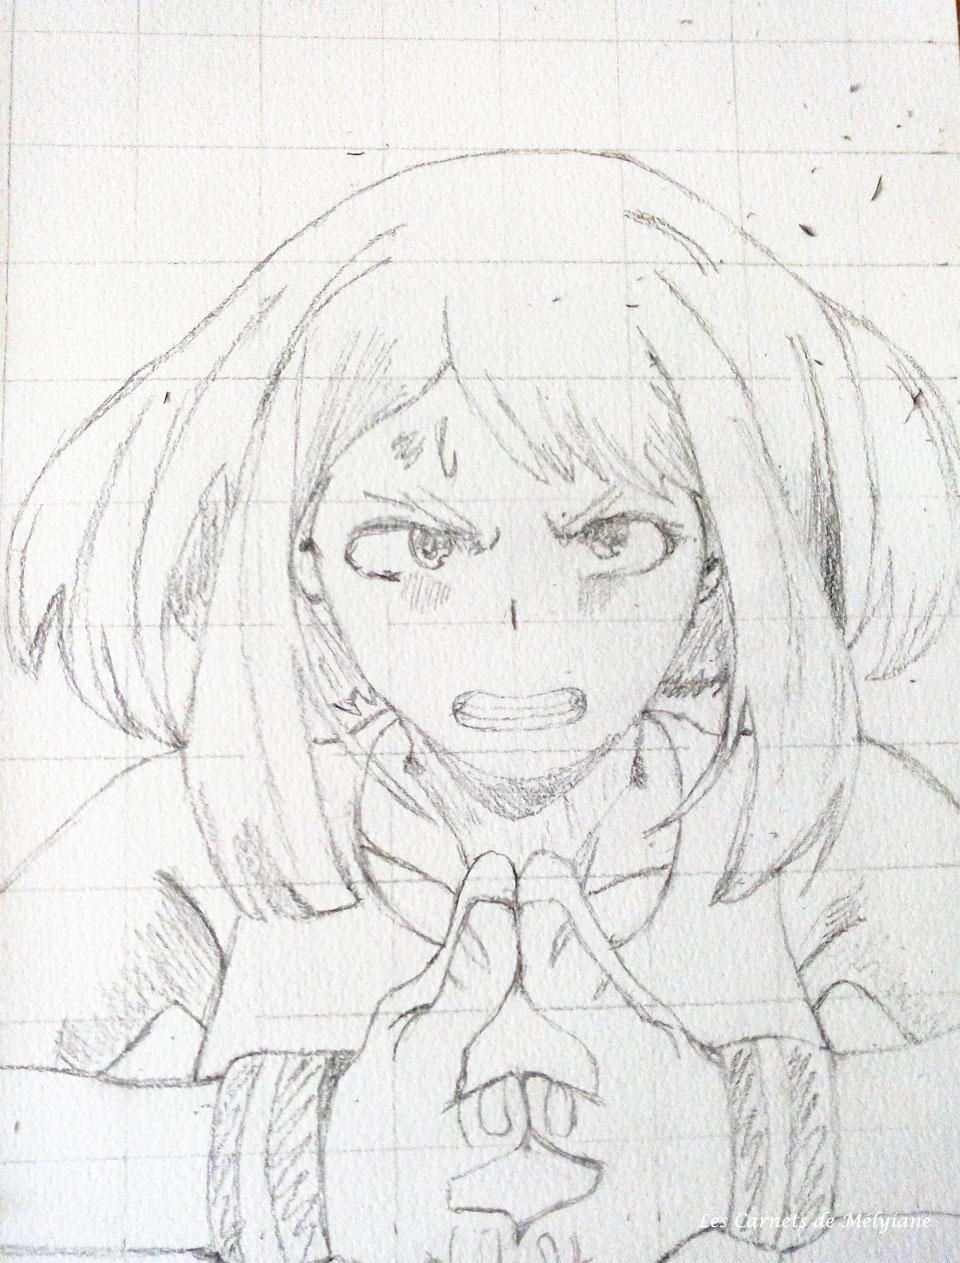 Dessiner Des Personnages De Manga Quand On Est Pas Une Pro Les Carnets De Melyiane